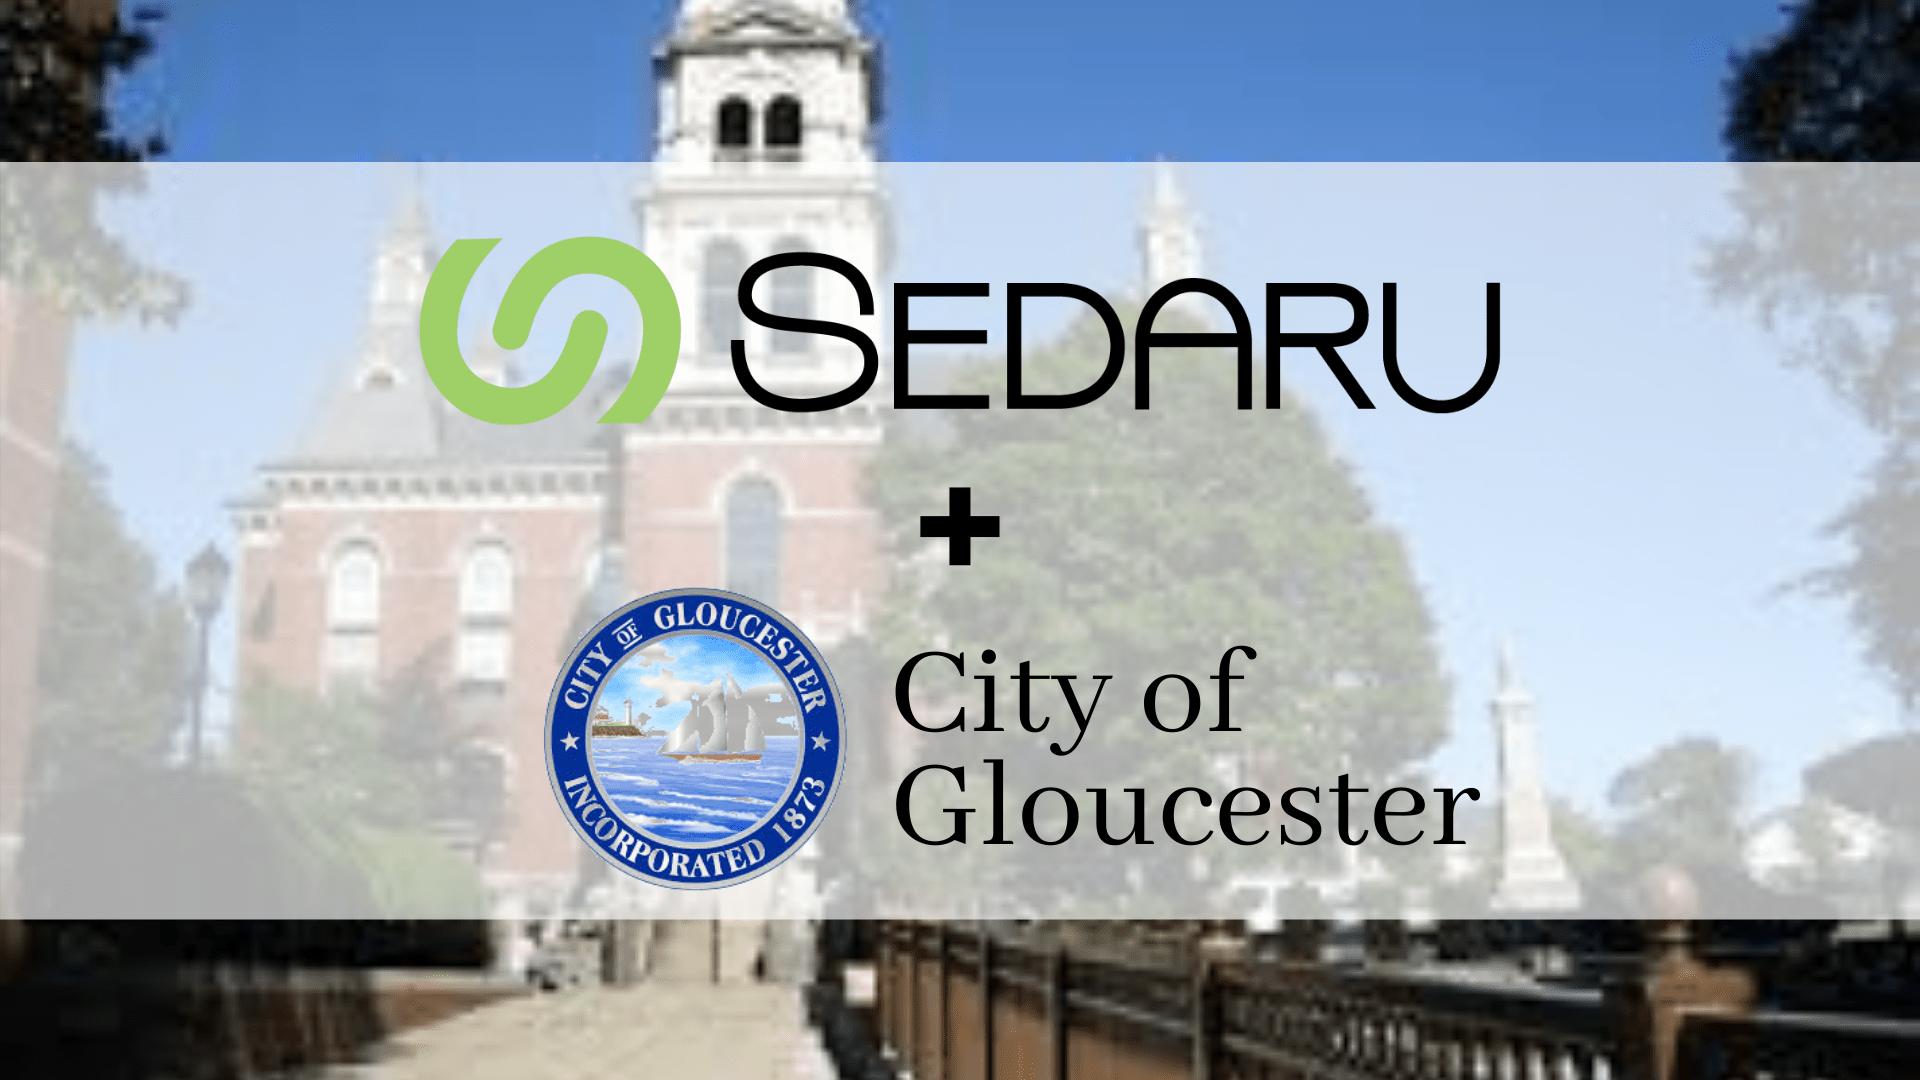 City of Gloucester Expands Sedaru